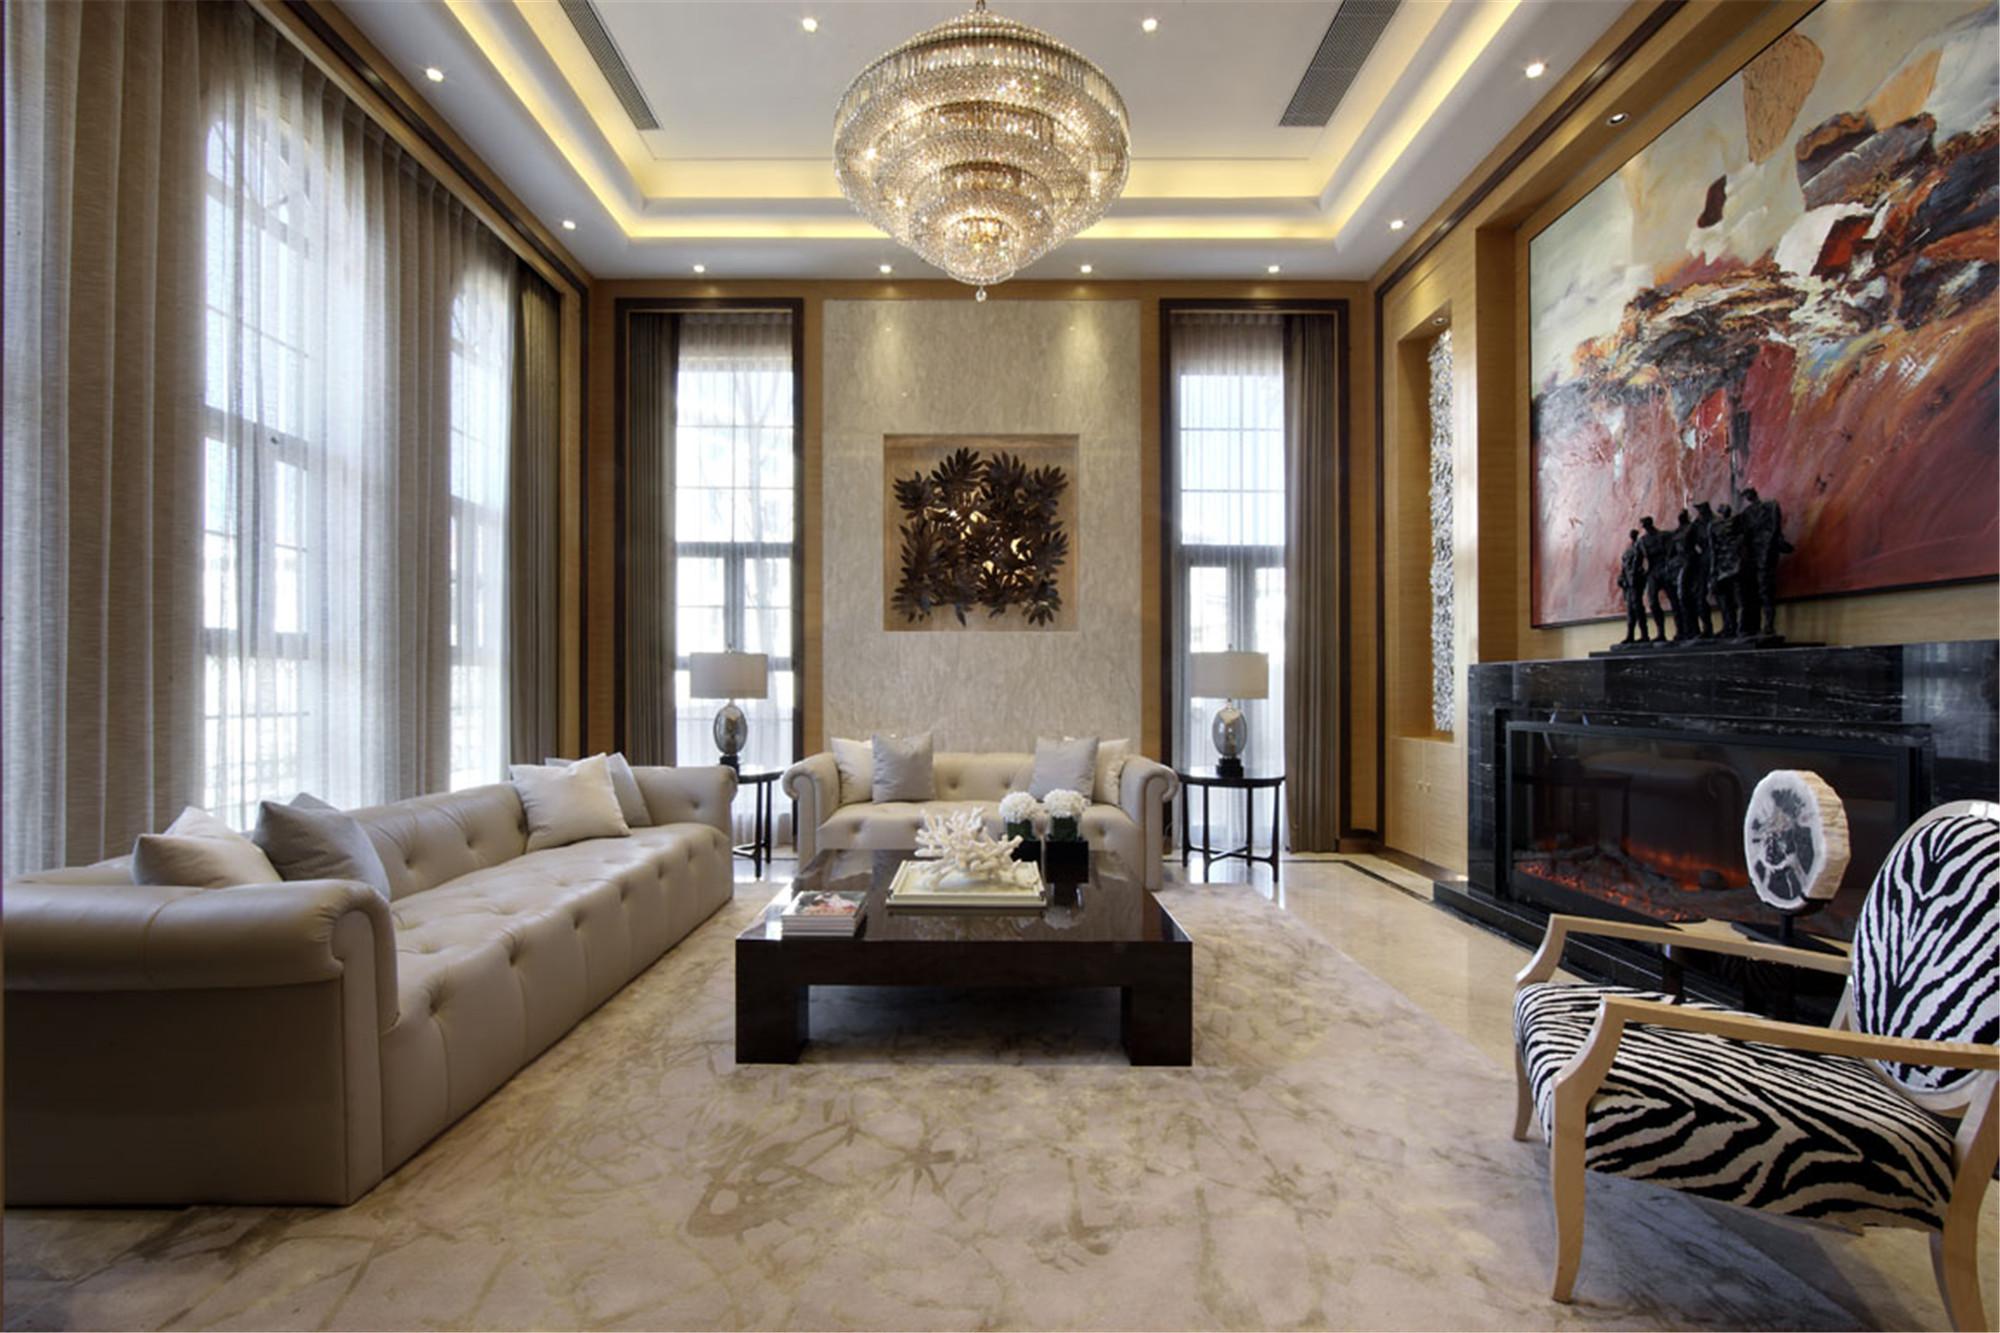 装修效果图 家居美图 混搭风格别墅经济型80平米客厅沙发海外家居  收